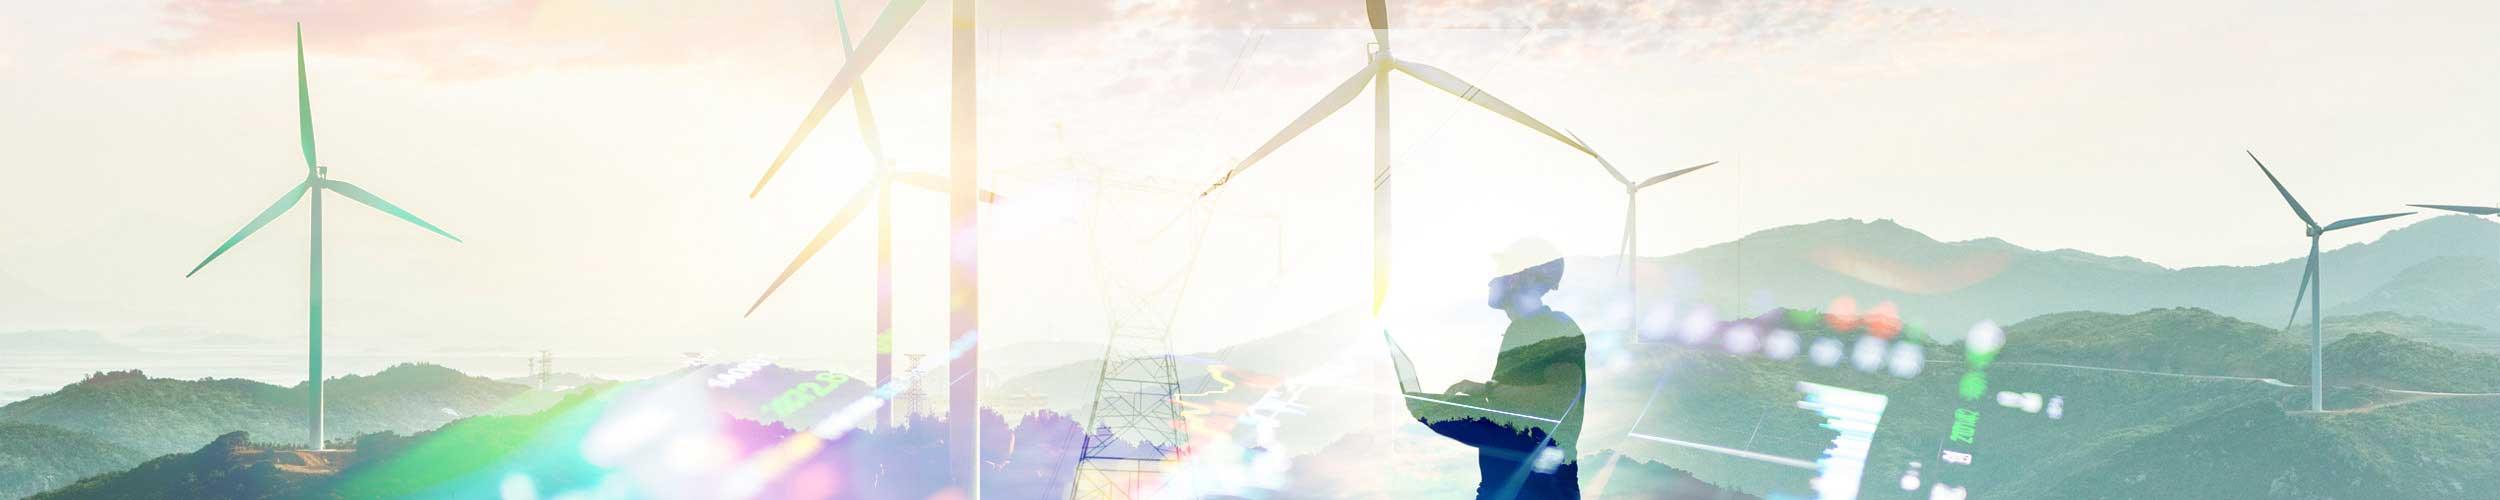 Somei : gestion de l'énergie